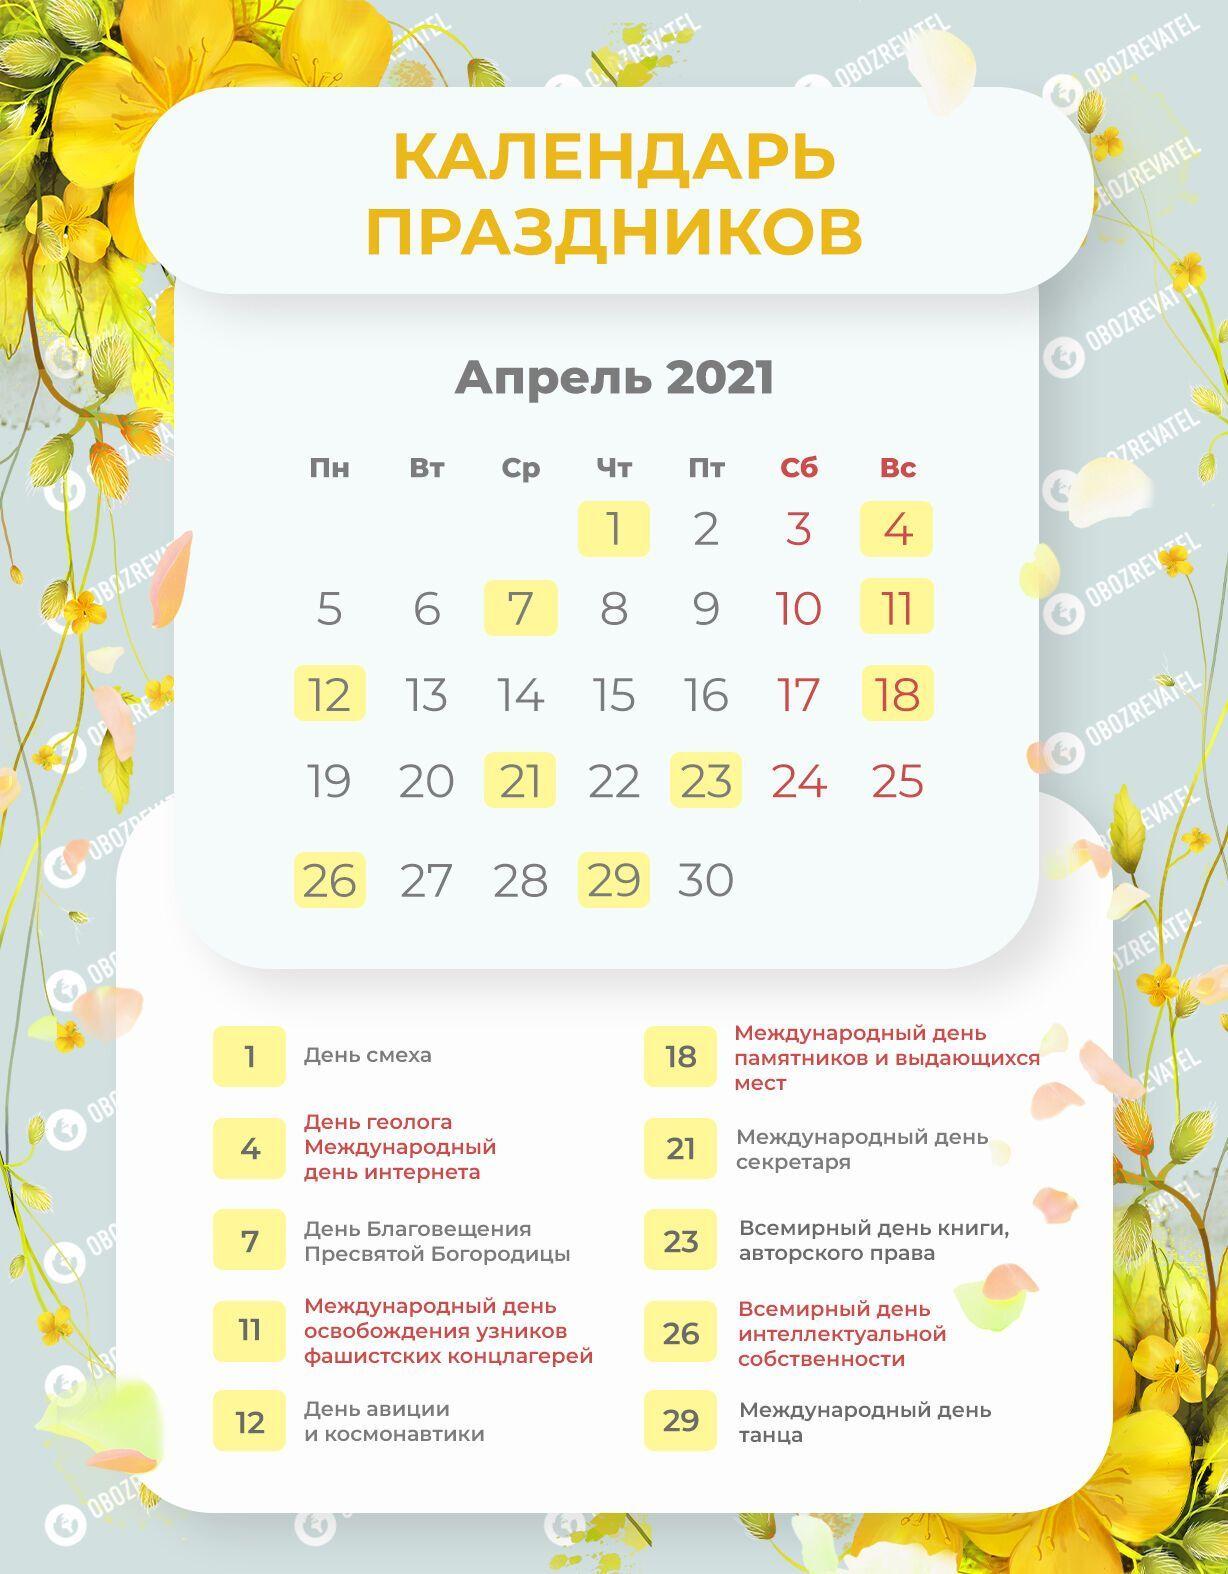 Выходные в апреле 2021 года